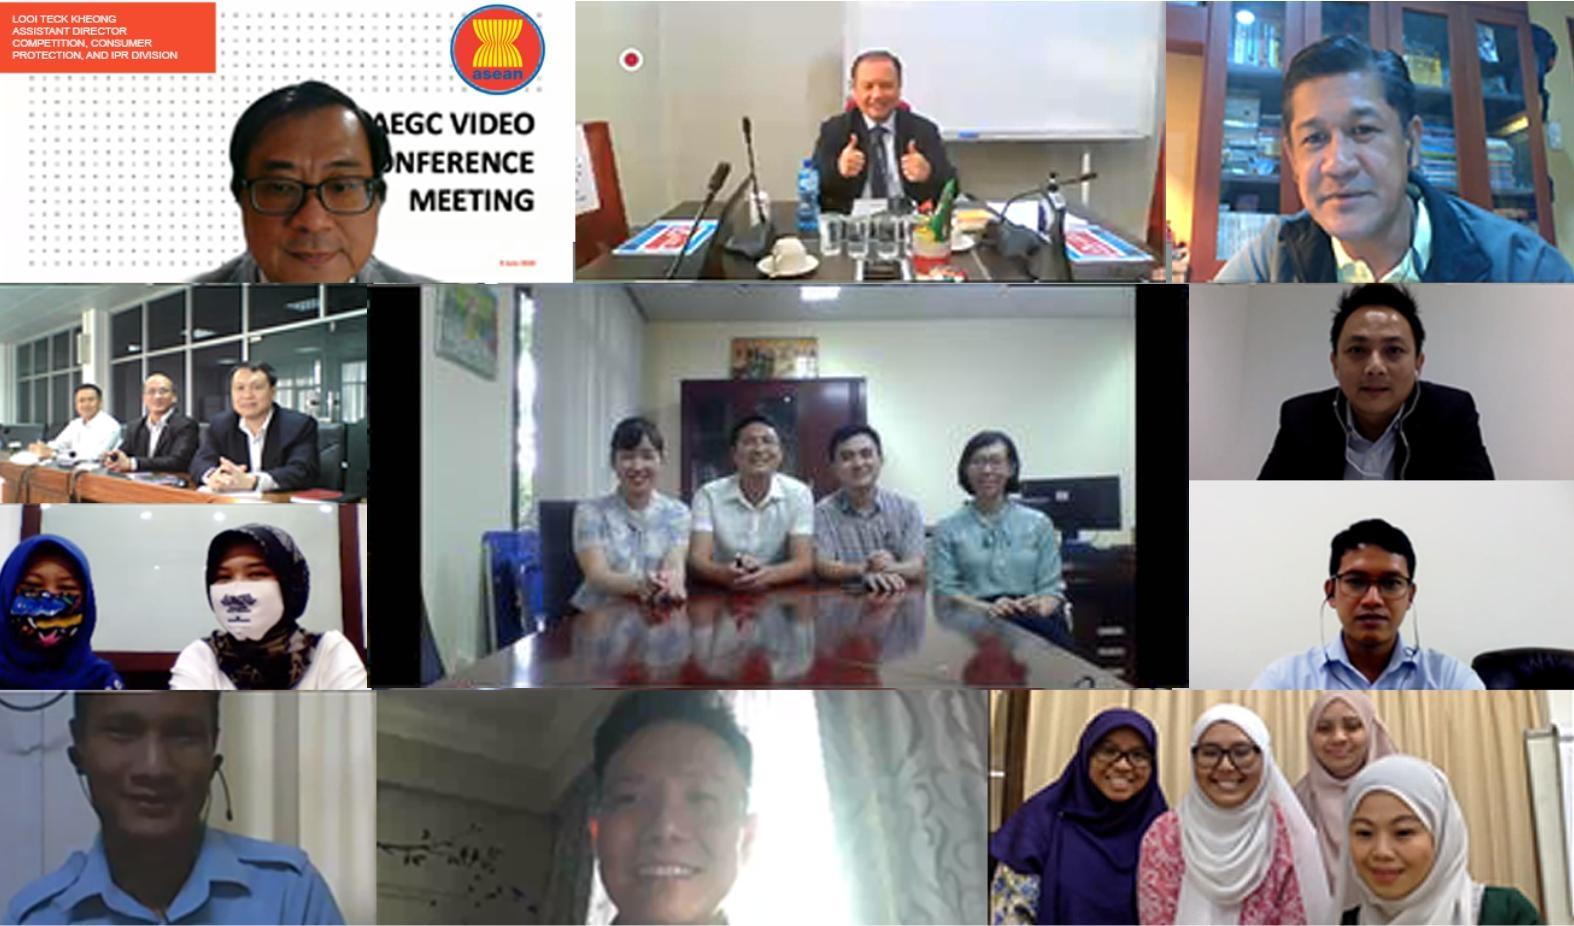 Cuộc họp Nhóm chuyên gia cạnh tranh ASEAN (Nhóm AEGC) trực tuyến lần thứ nhất